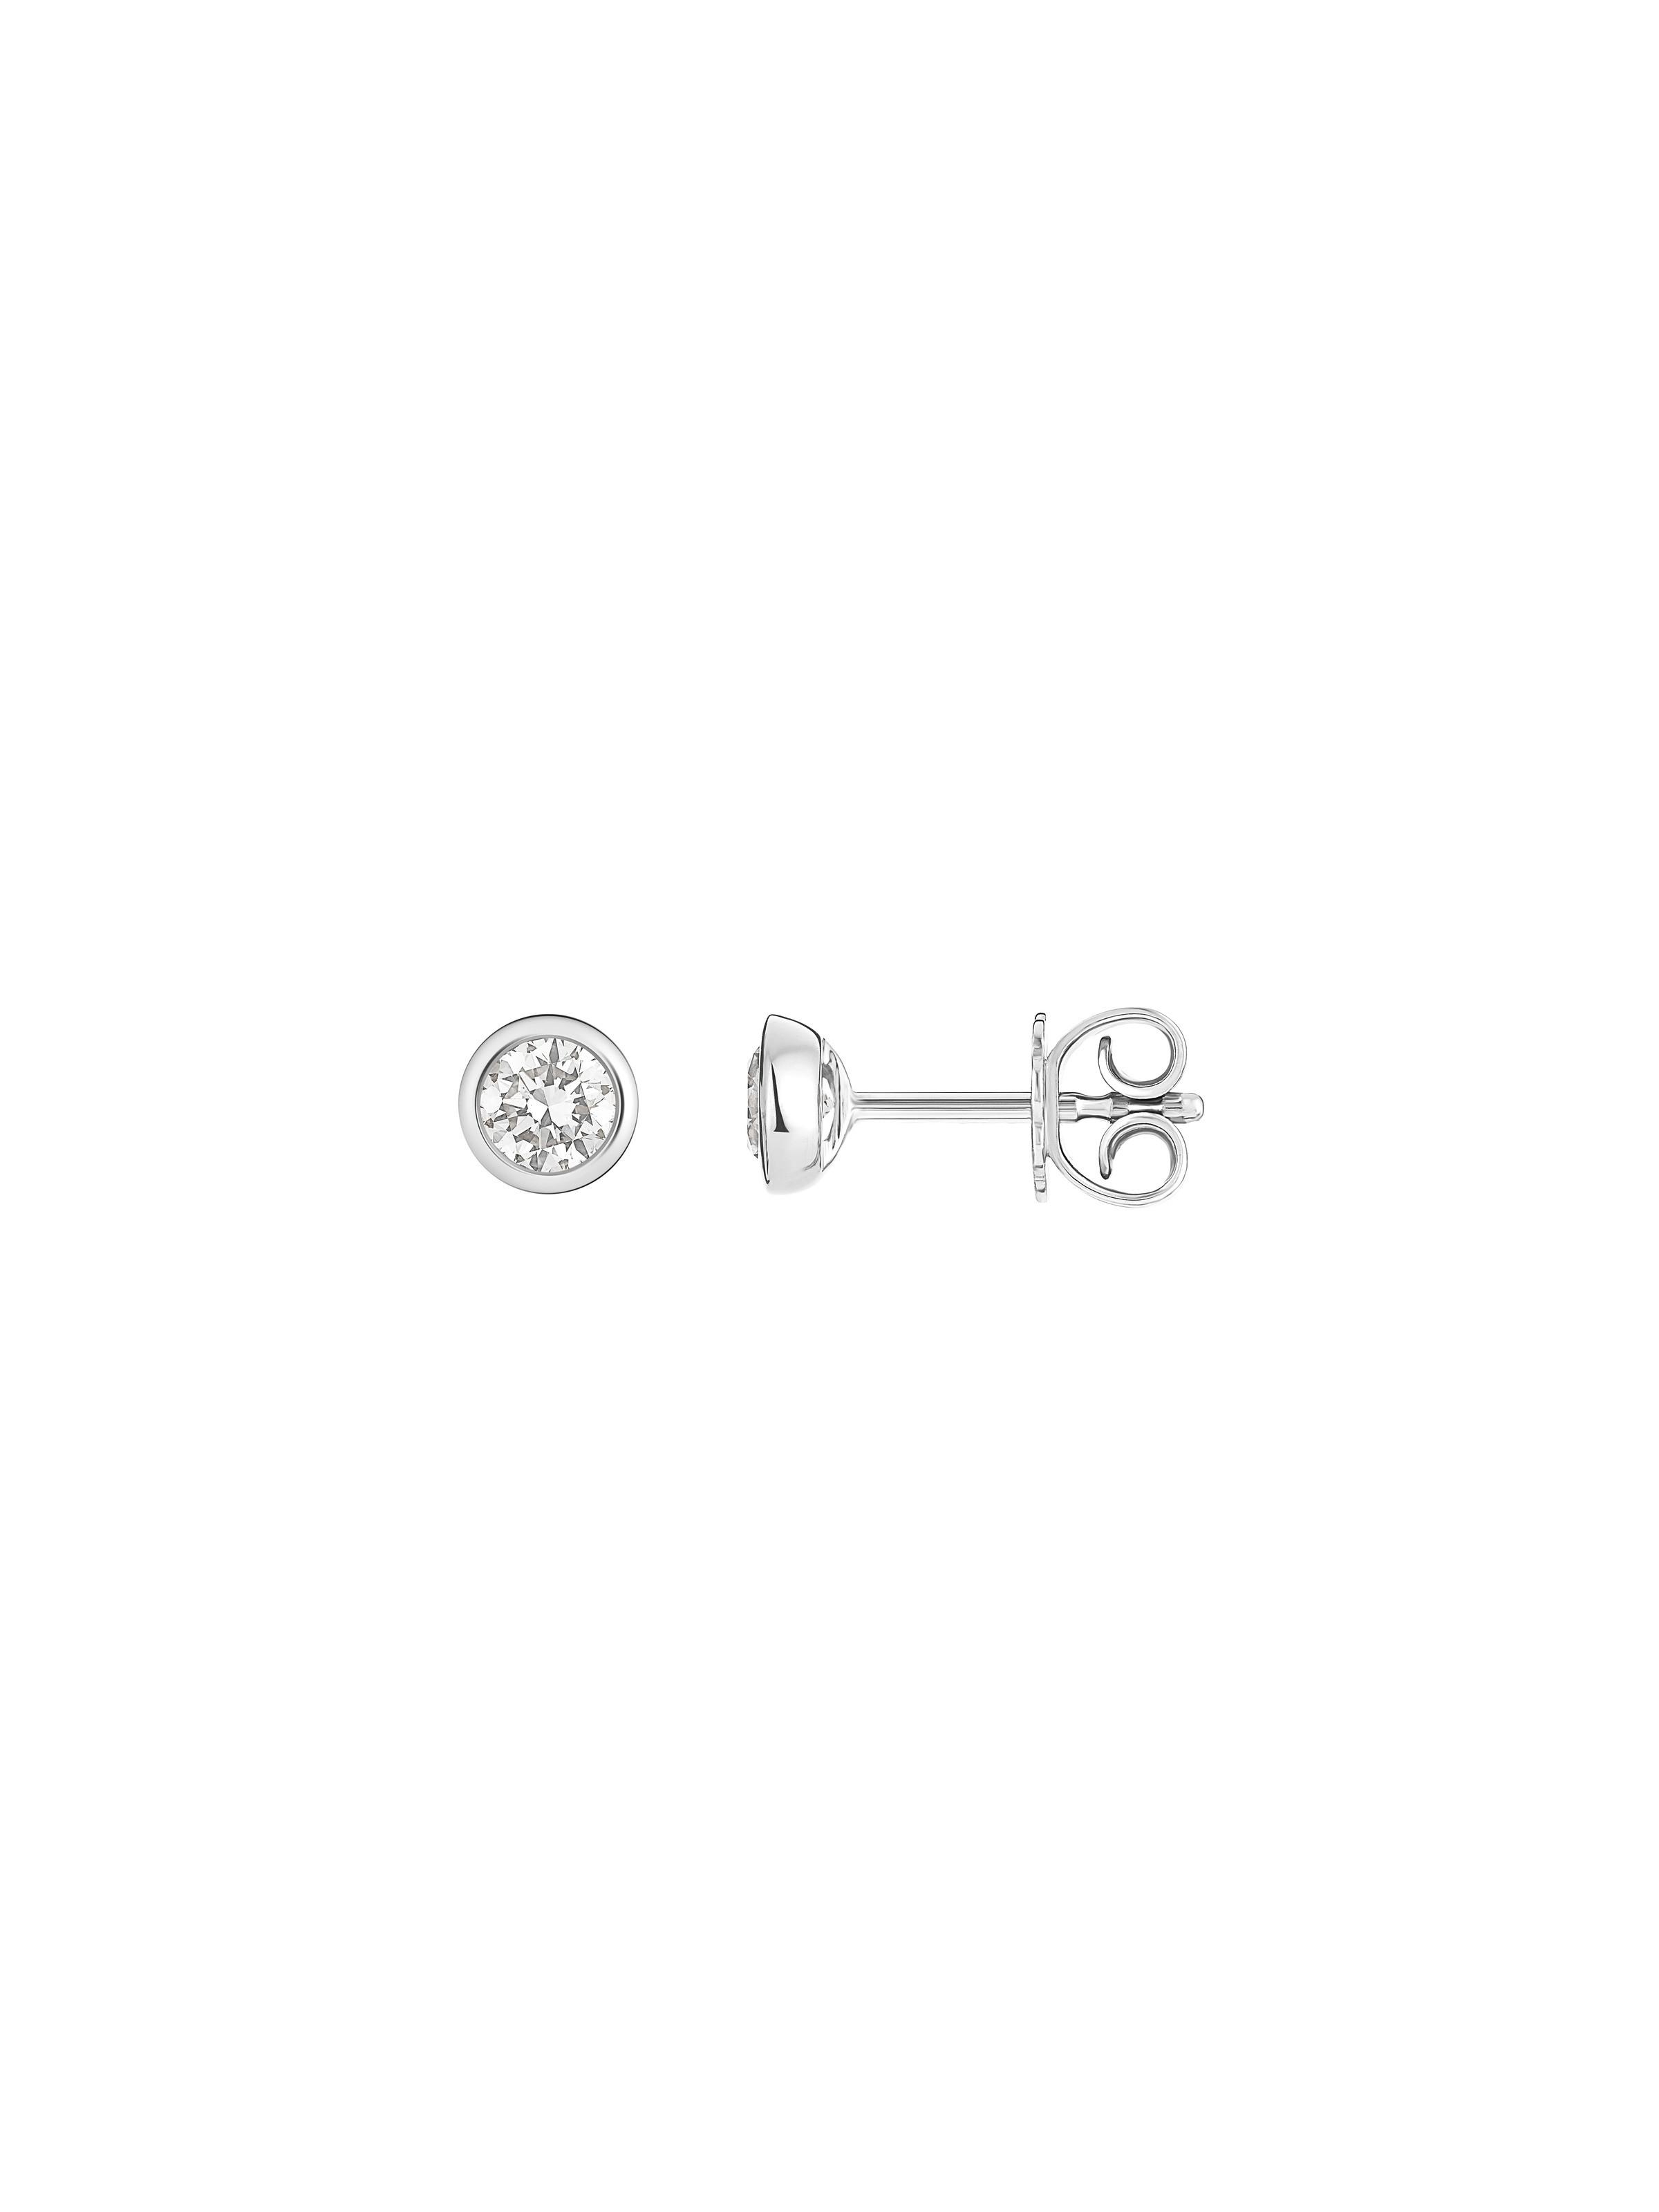 One Moonwalk earrings